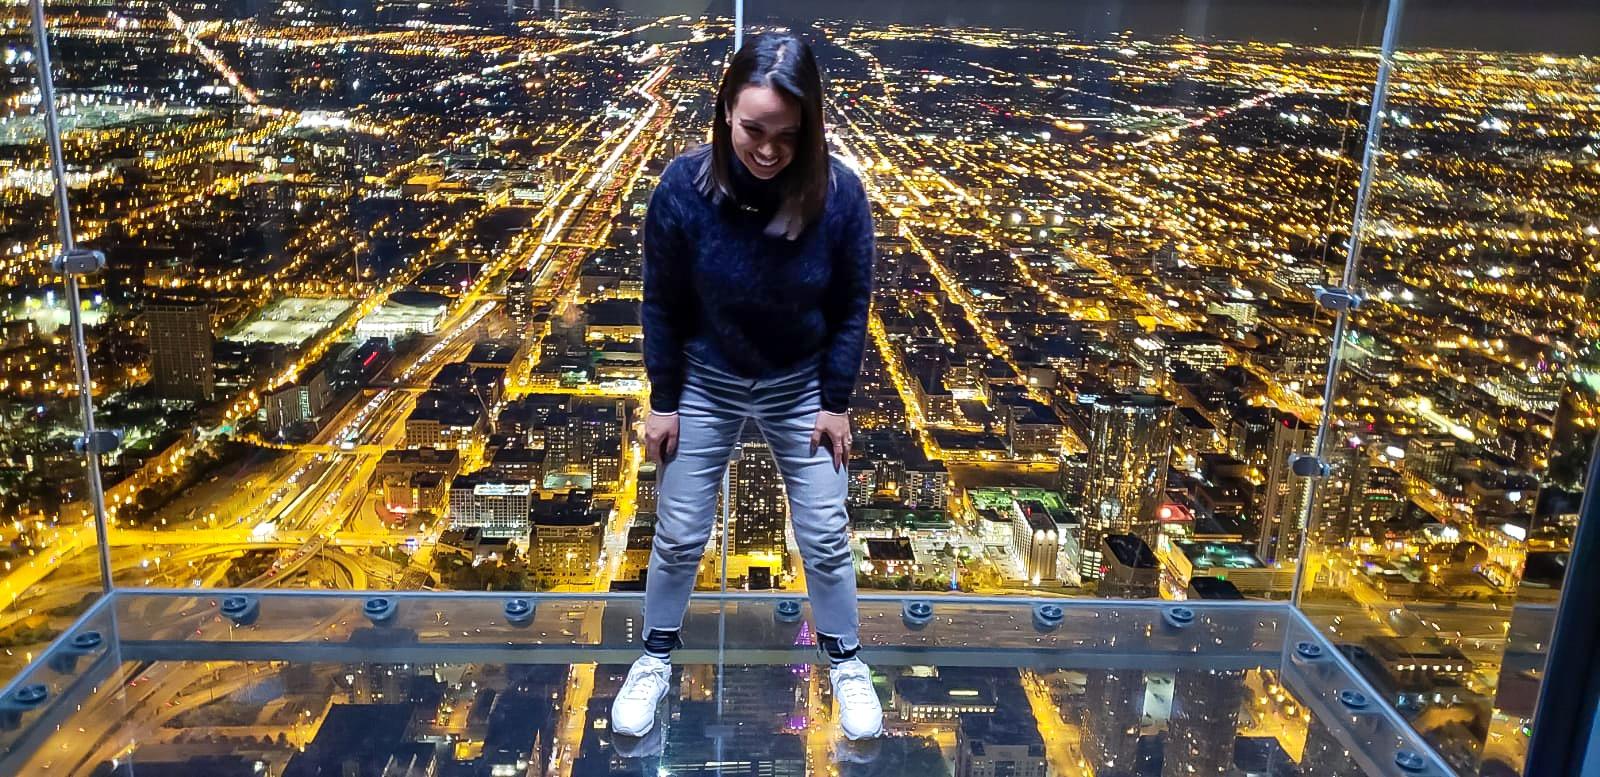 Aquí aprendí a perderle el miedo a las alturas hahahaha